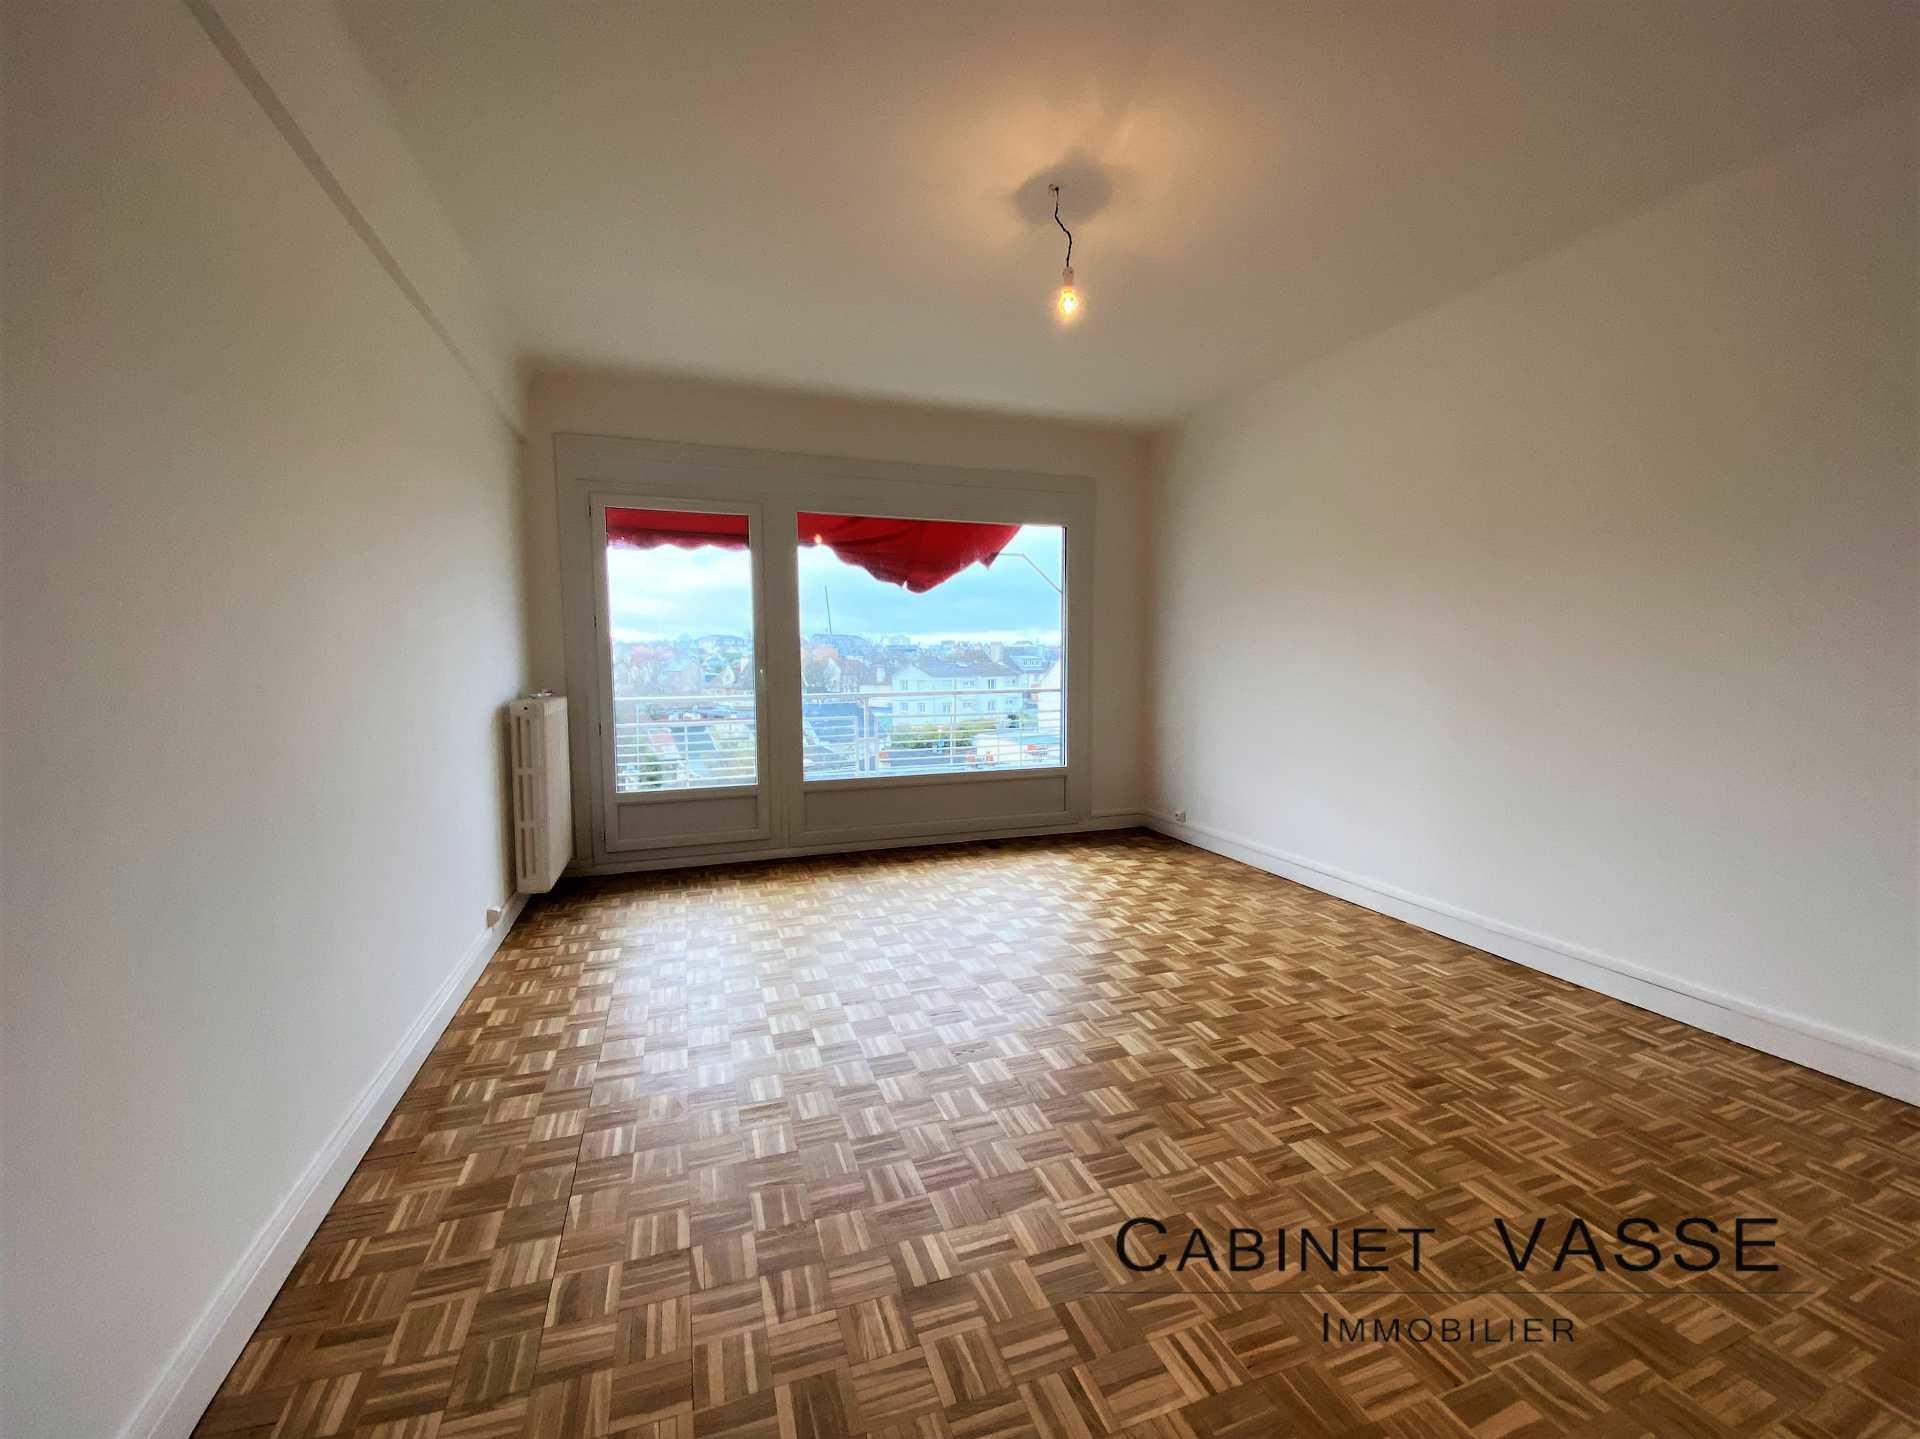 Appartement, parquet, vue dégagée, balcon, vasse, a louer